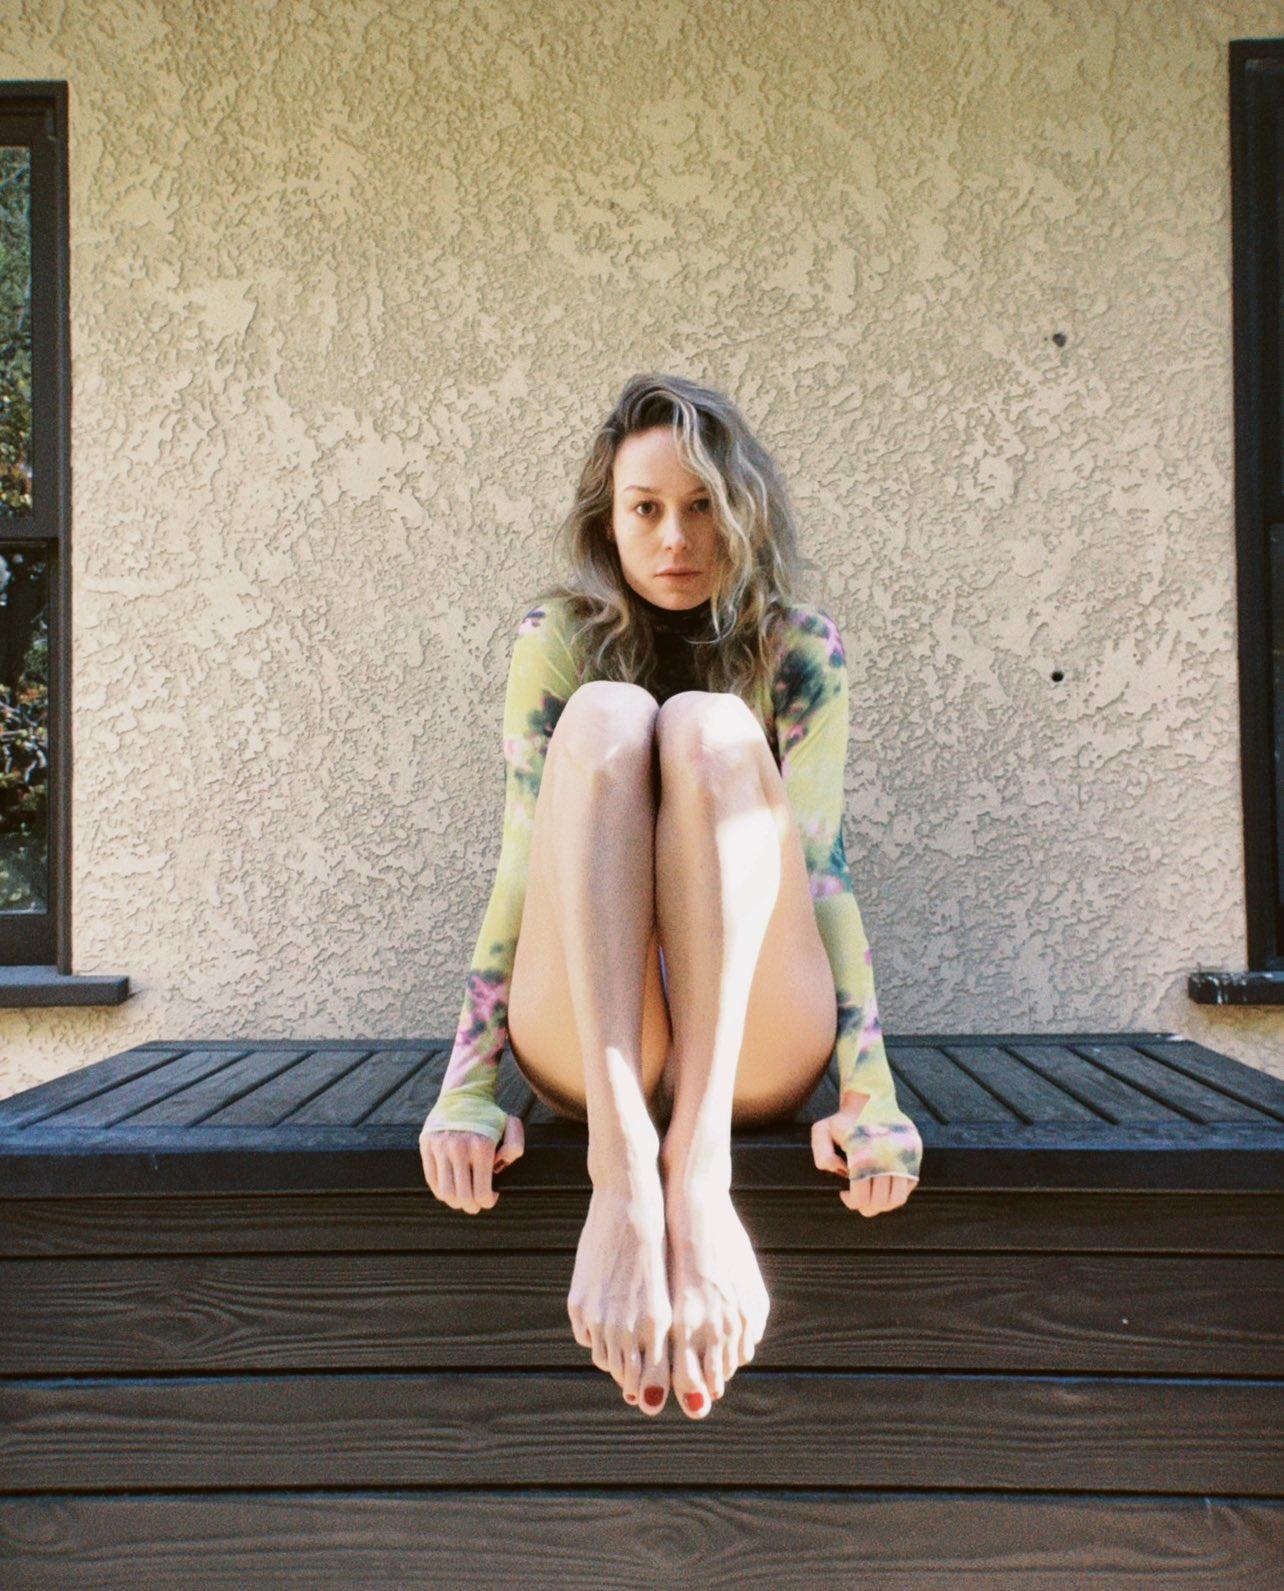 Brie Larson Feet